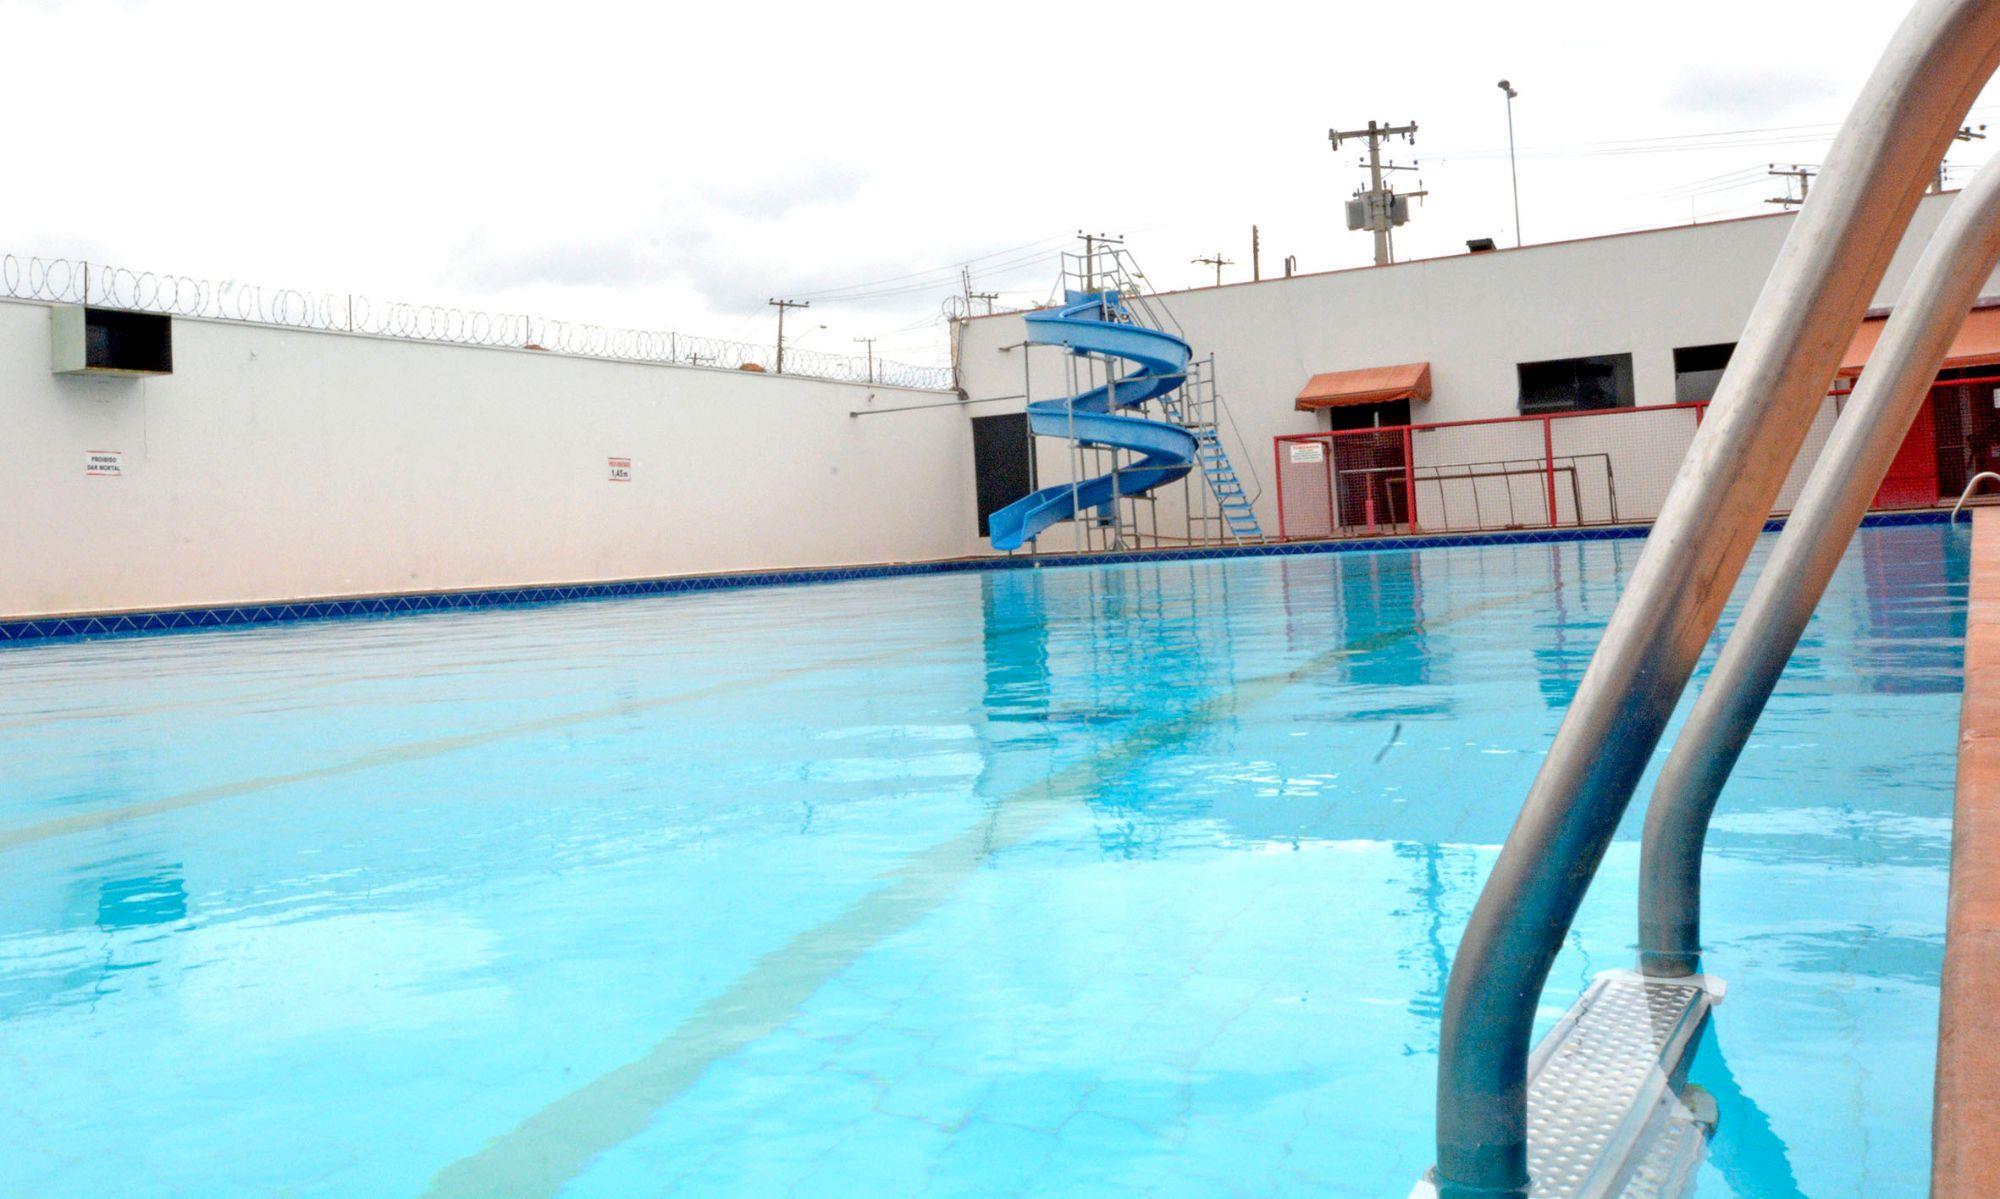 clube, campo, piscina, fecha,, Foguinho/Imprensa SMetal